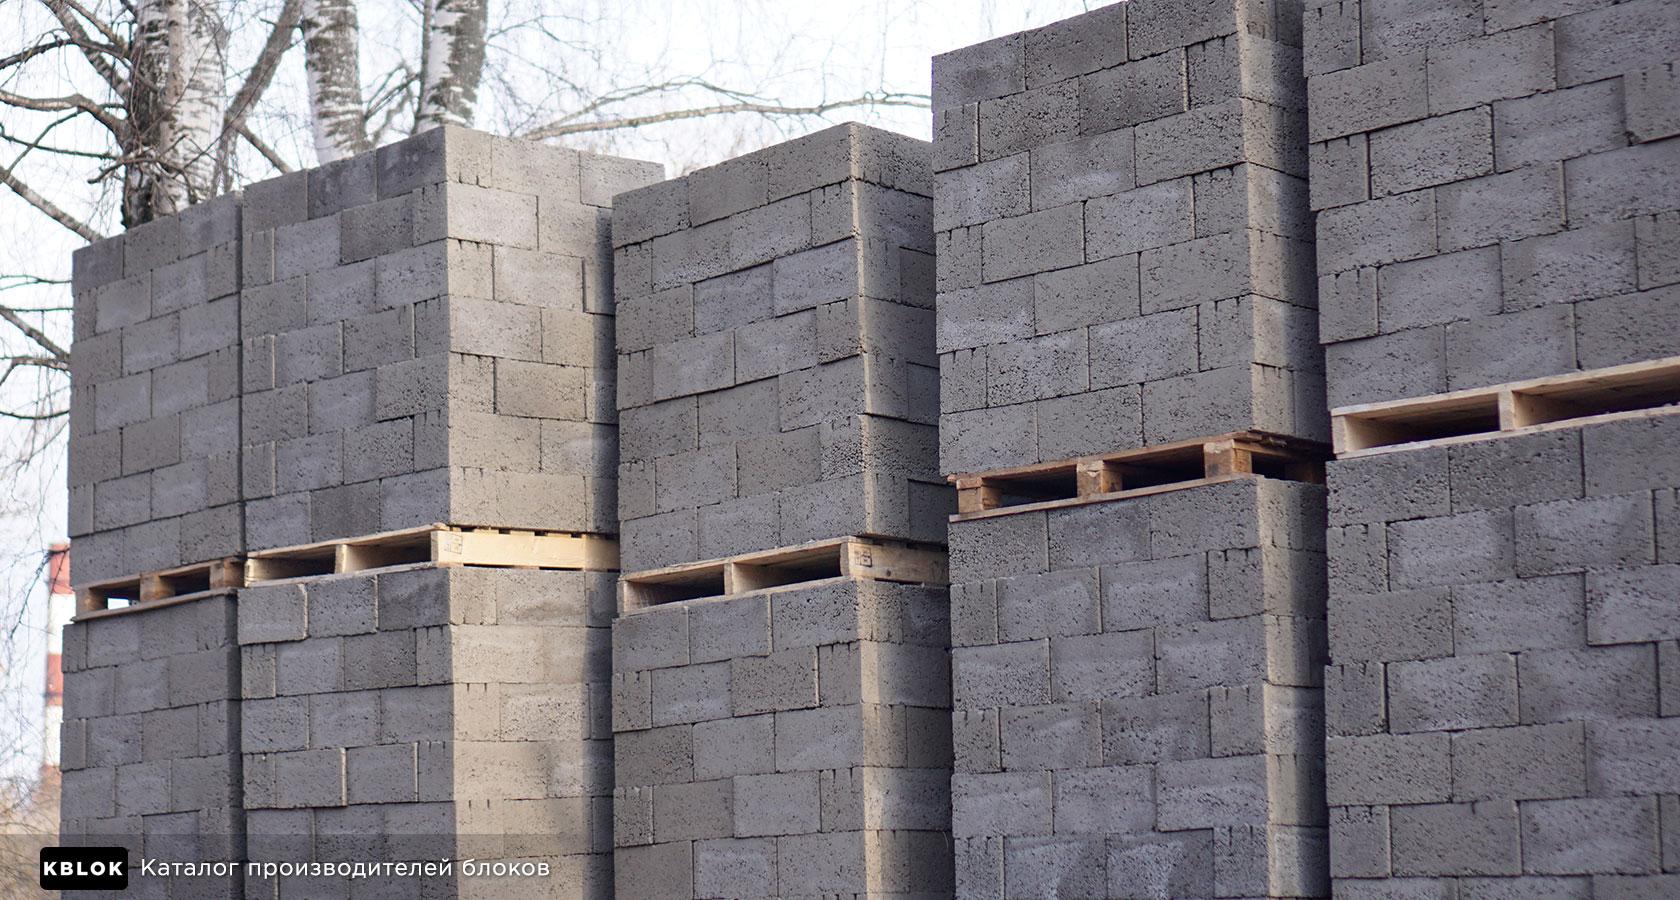 складской участок с блоками